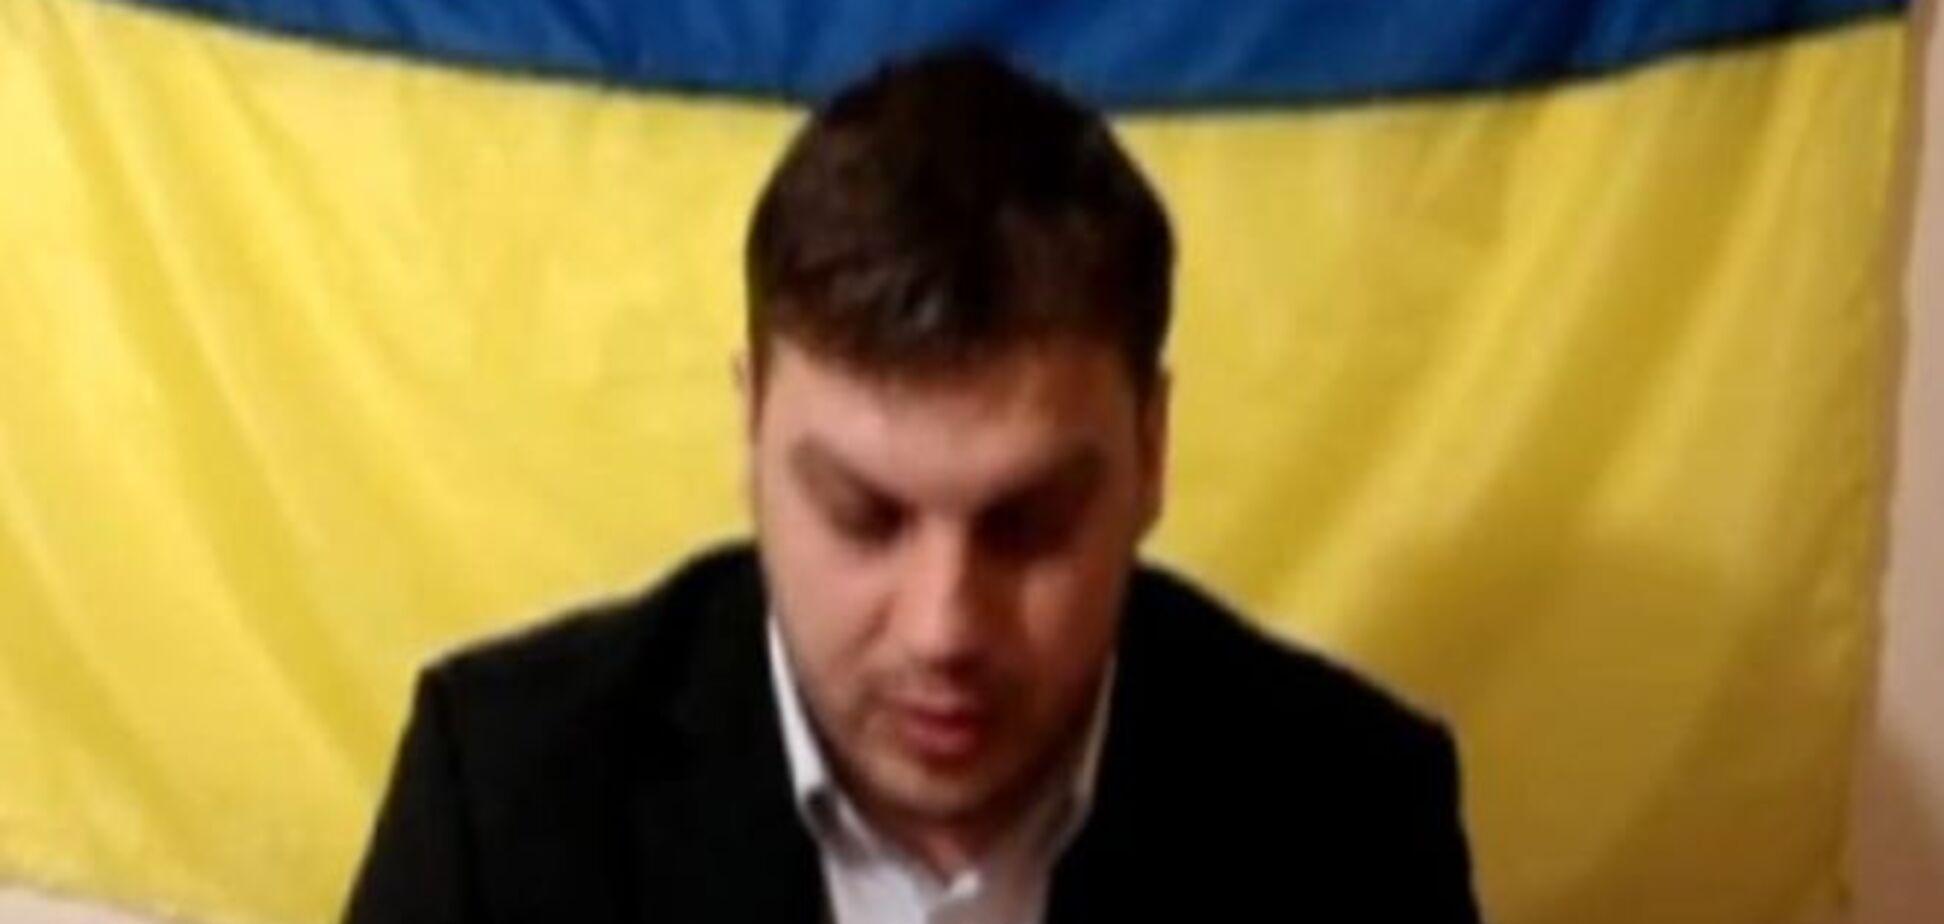 Чиновник из Днепропетровска рассказал, кому отводил землю за 'крышу': видеозапись